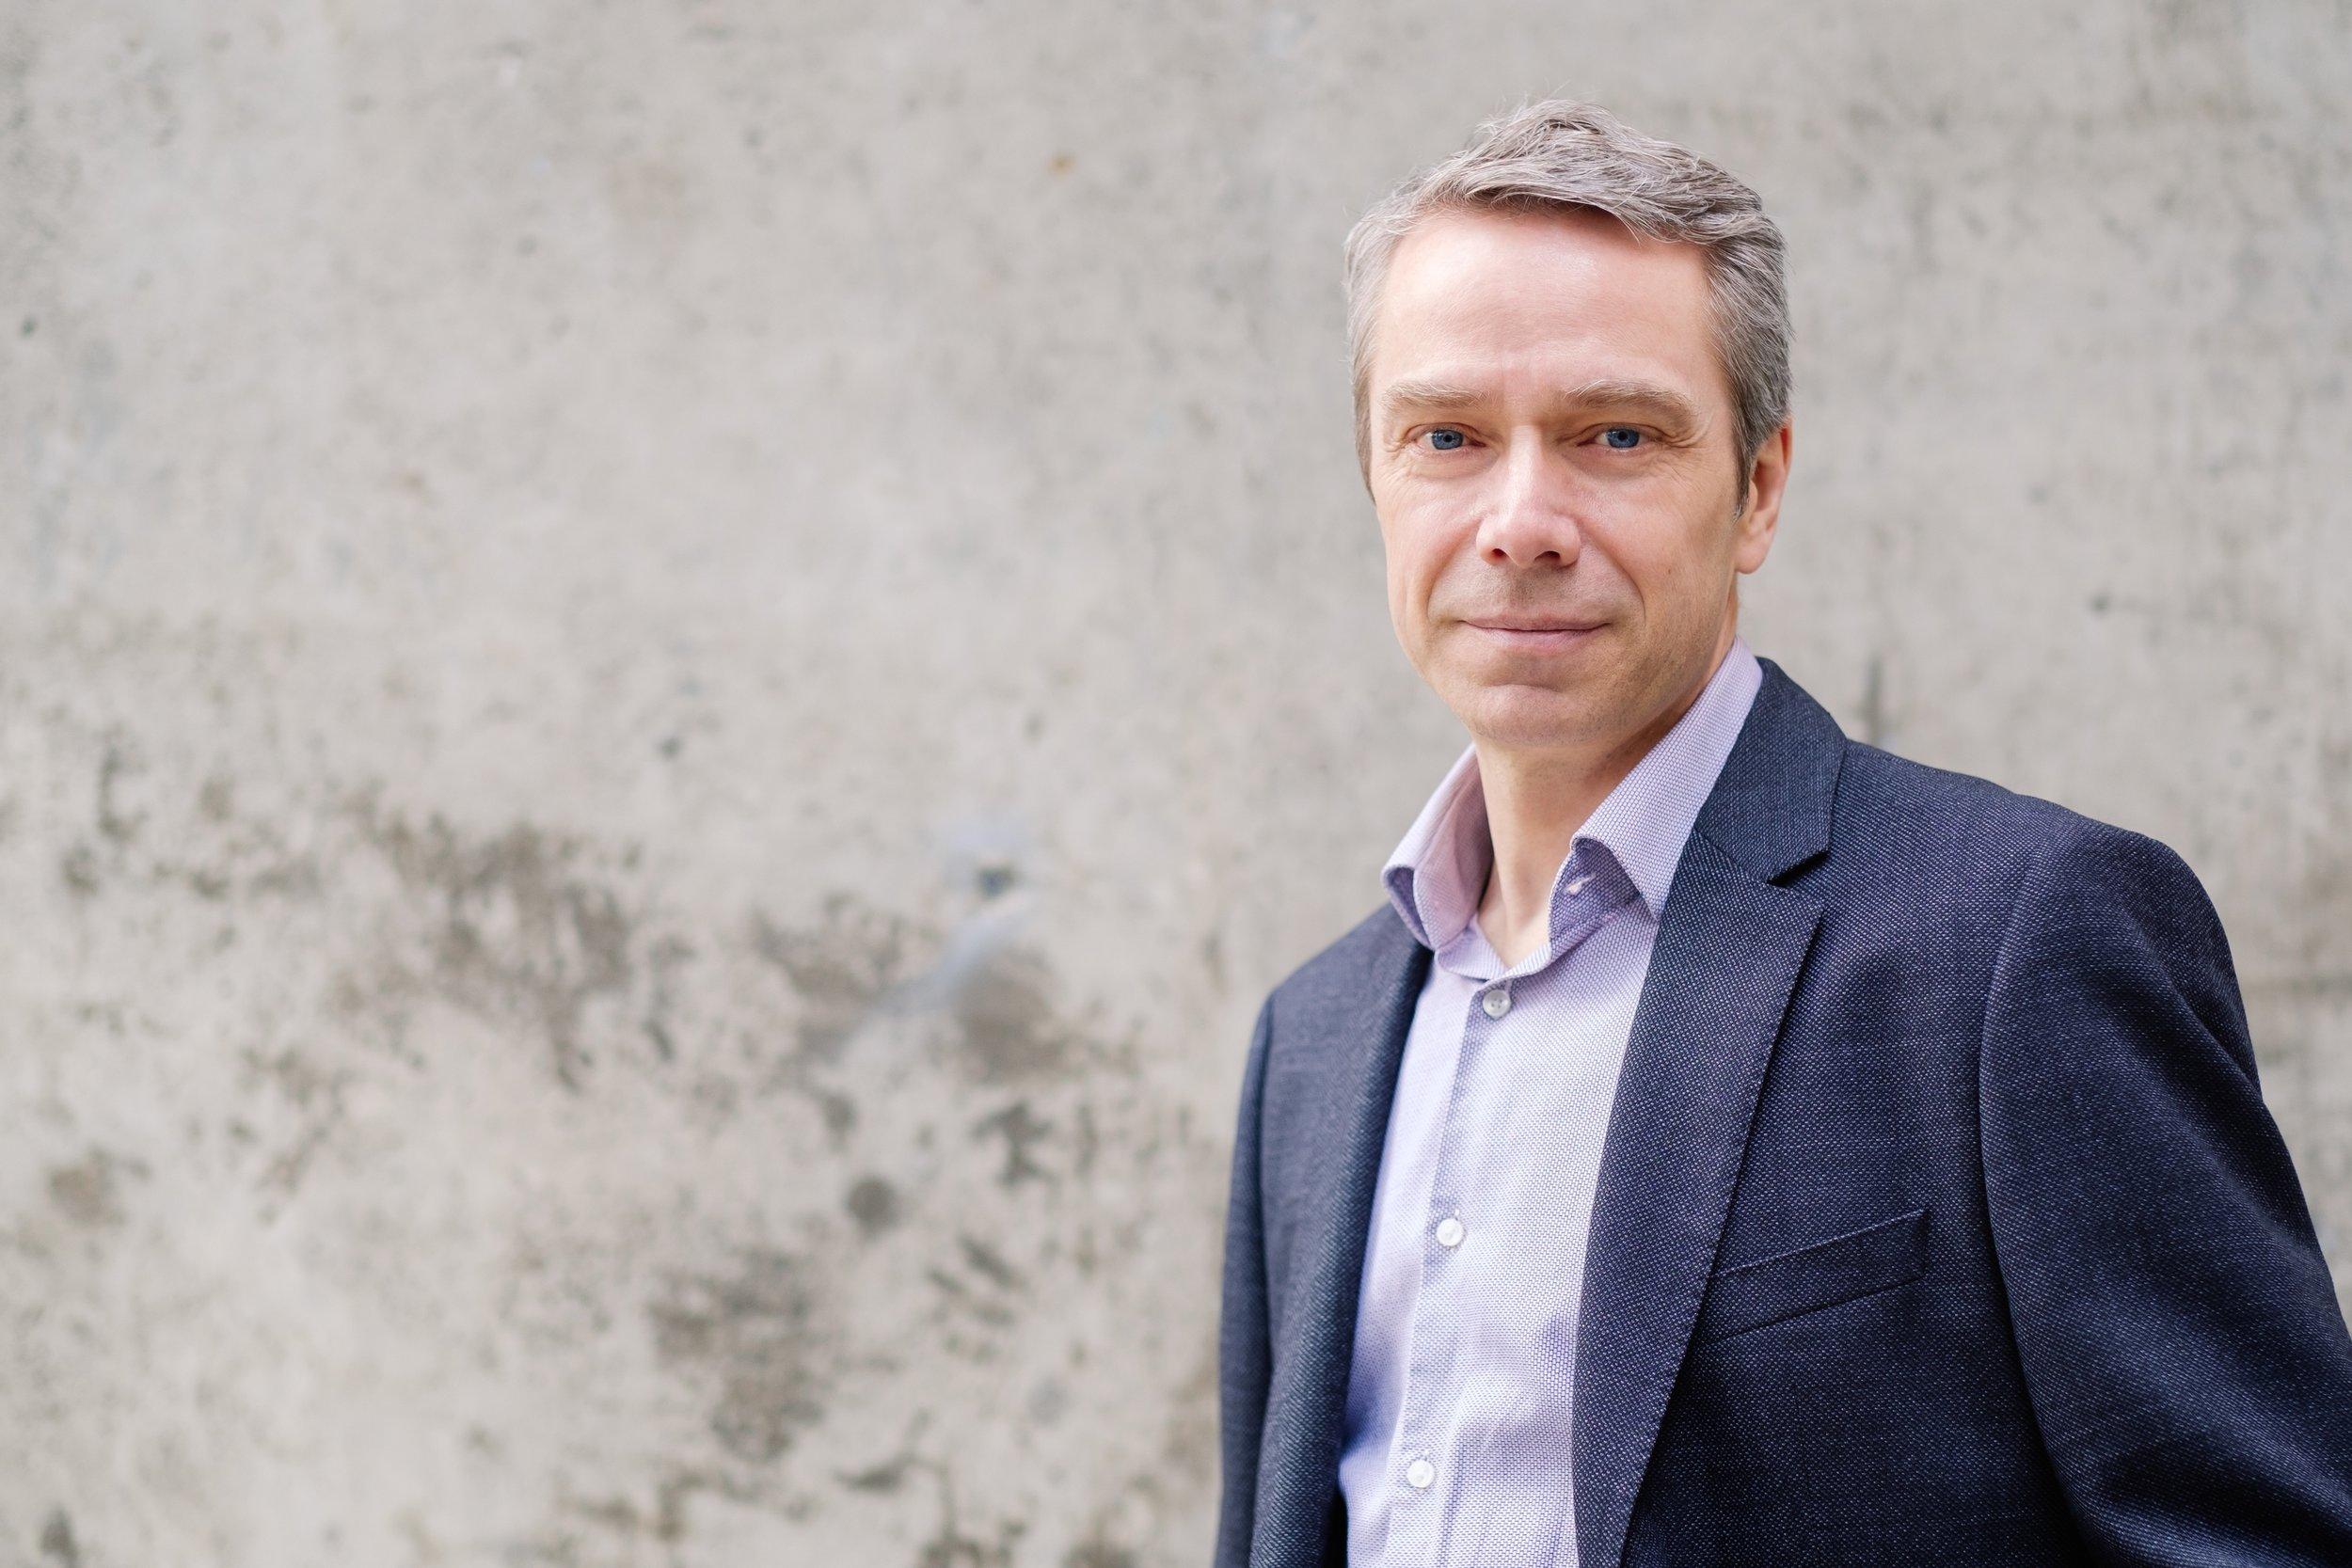 Dieter Fox, NVIDIA